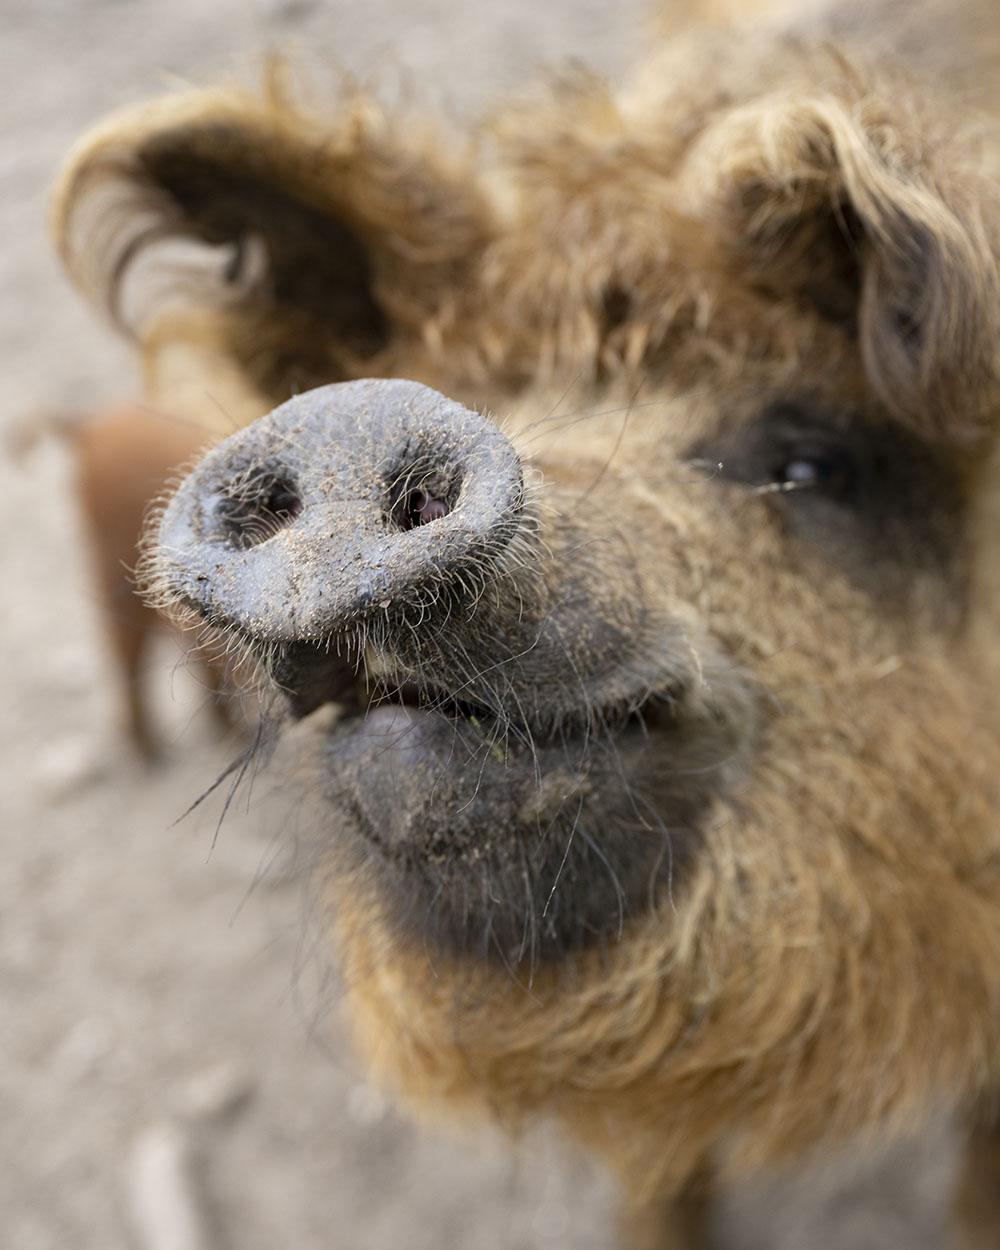 Nahaufnahme eines Roten Mangalitza Wollschweins, das in seinem Bestand gefährdet ist. Aufgenommen ist das Bild im Tierpark Arche Warder.